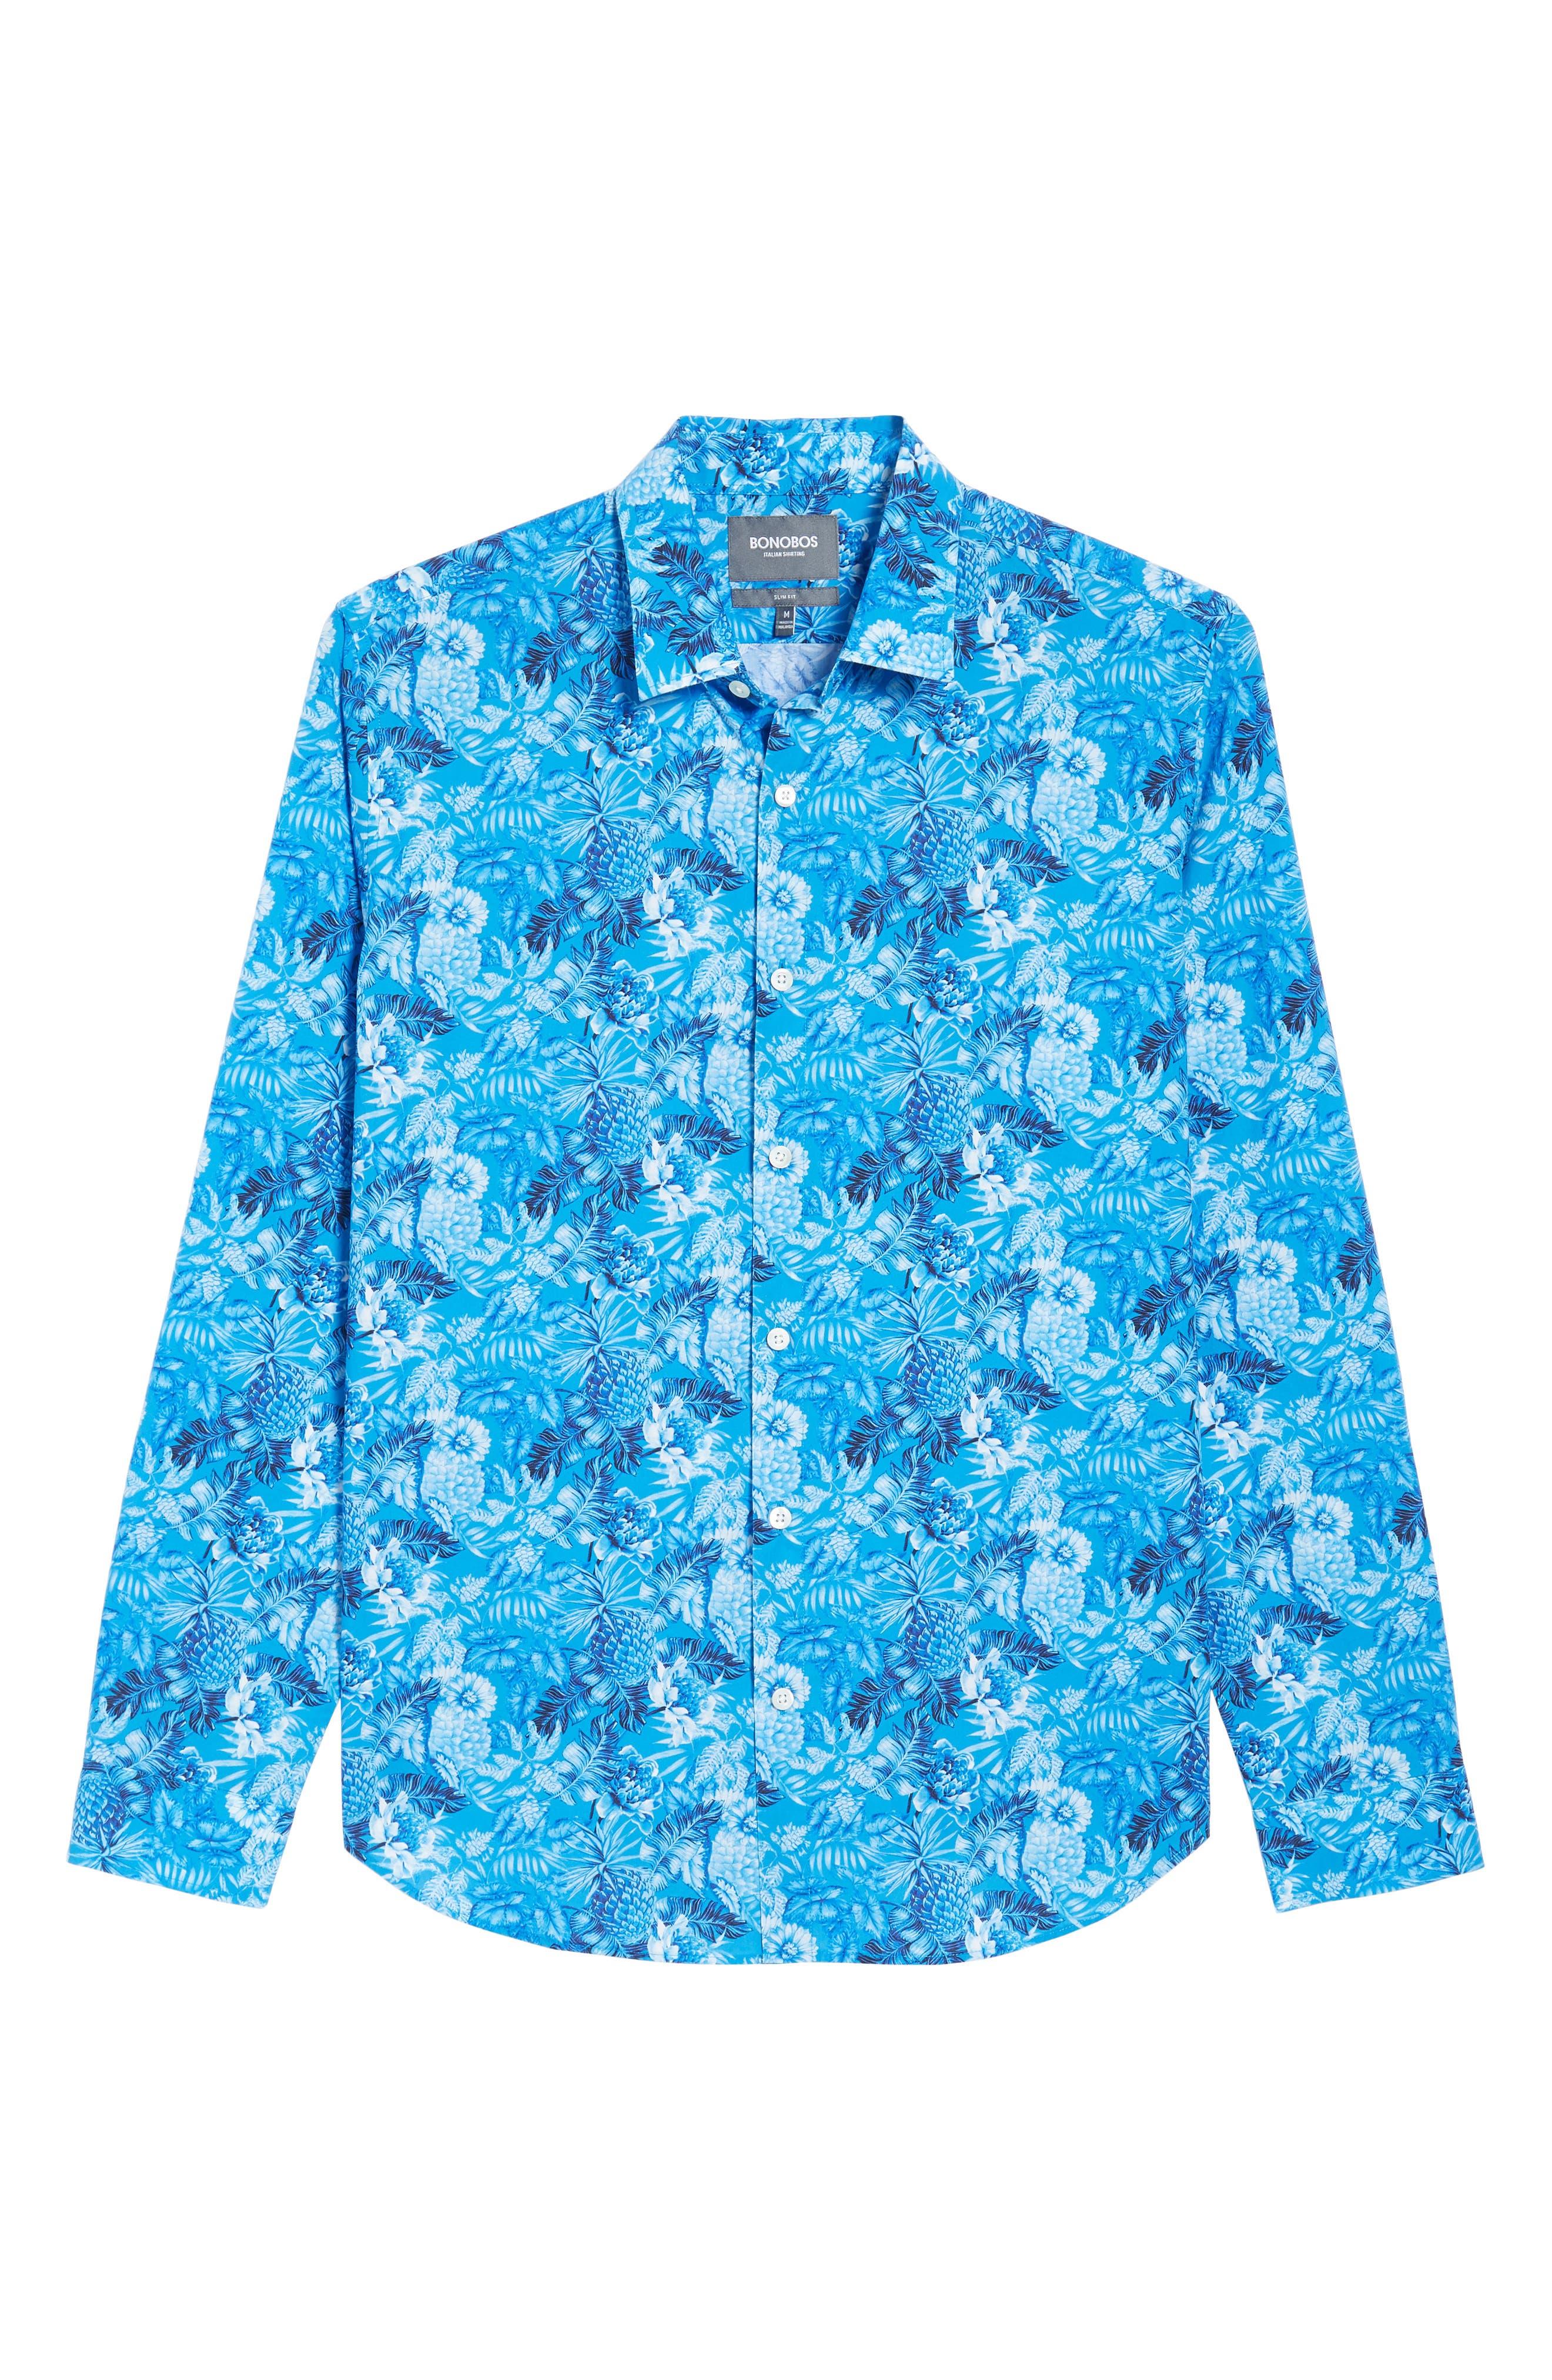 Premium Slim Fit Print Sport Shirt,                             Alternate thumbnail 6, color,                             Blue Floral